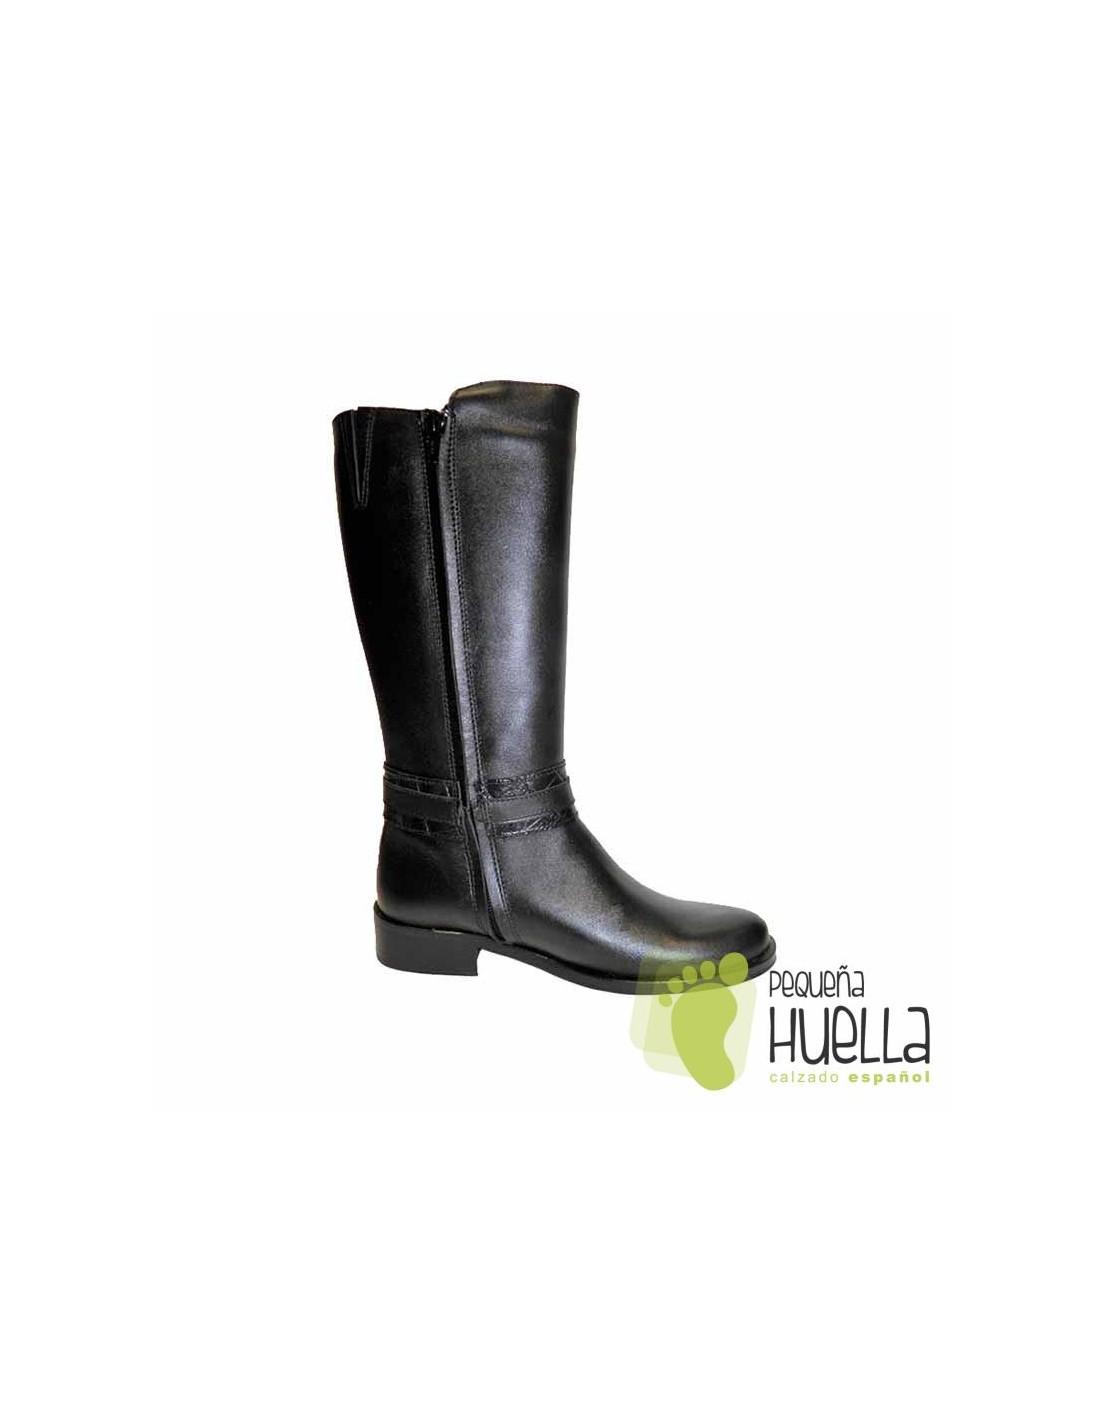 e5ab5072fef Comprar botas altas de piel negras para niñas online